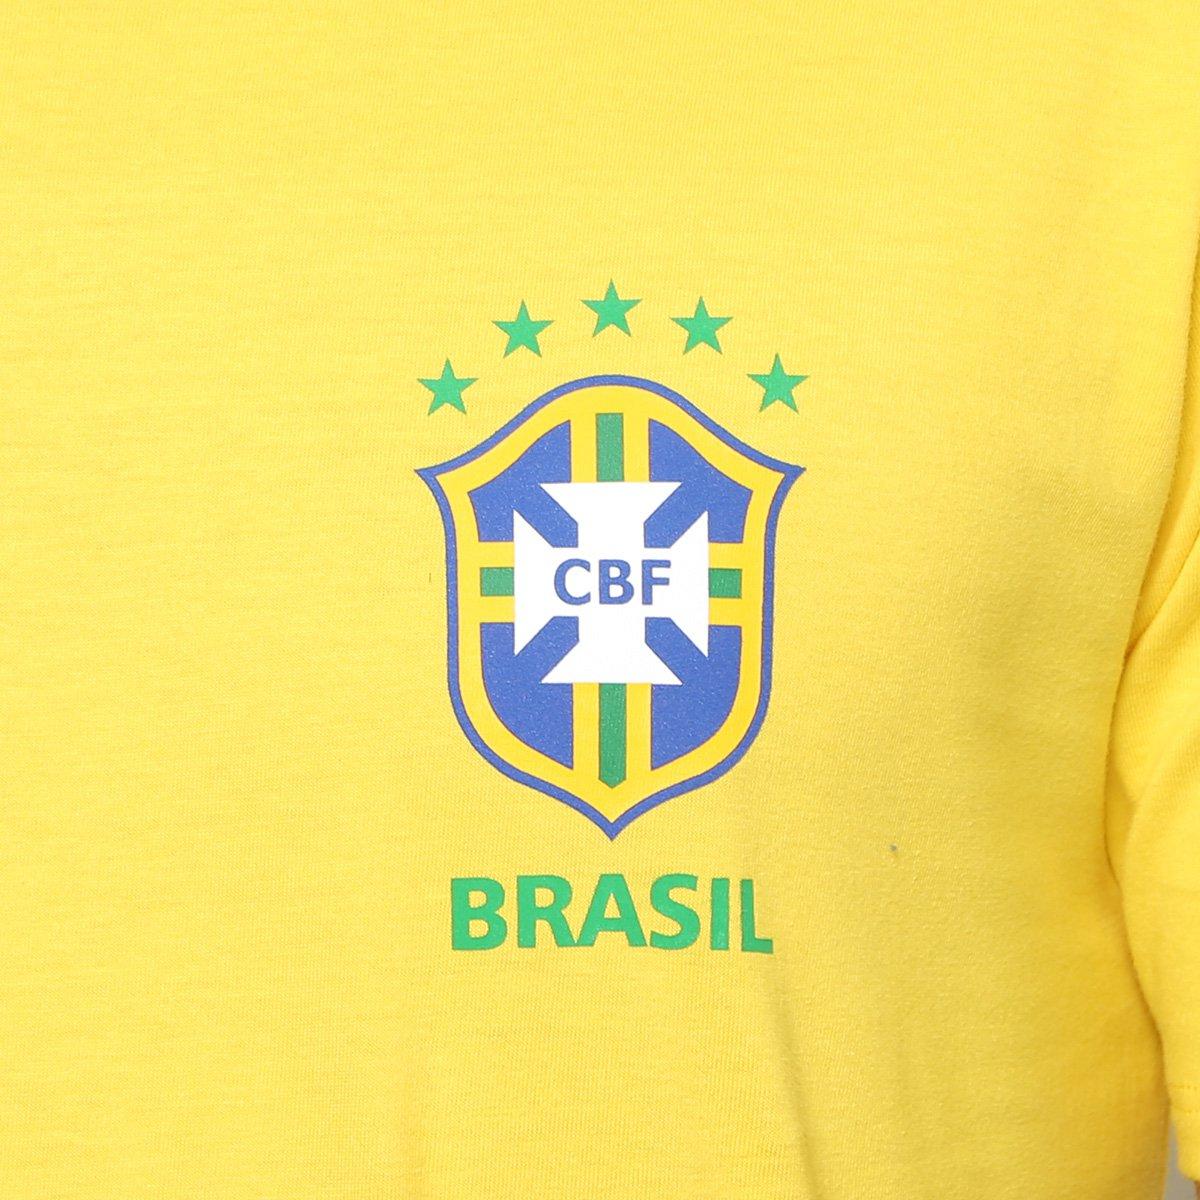 Camiseta Seleção Brasil Nike Crest Masculina - Amarelo e Verde ... 55c09efefb9ec